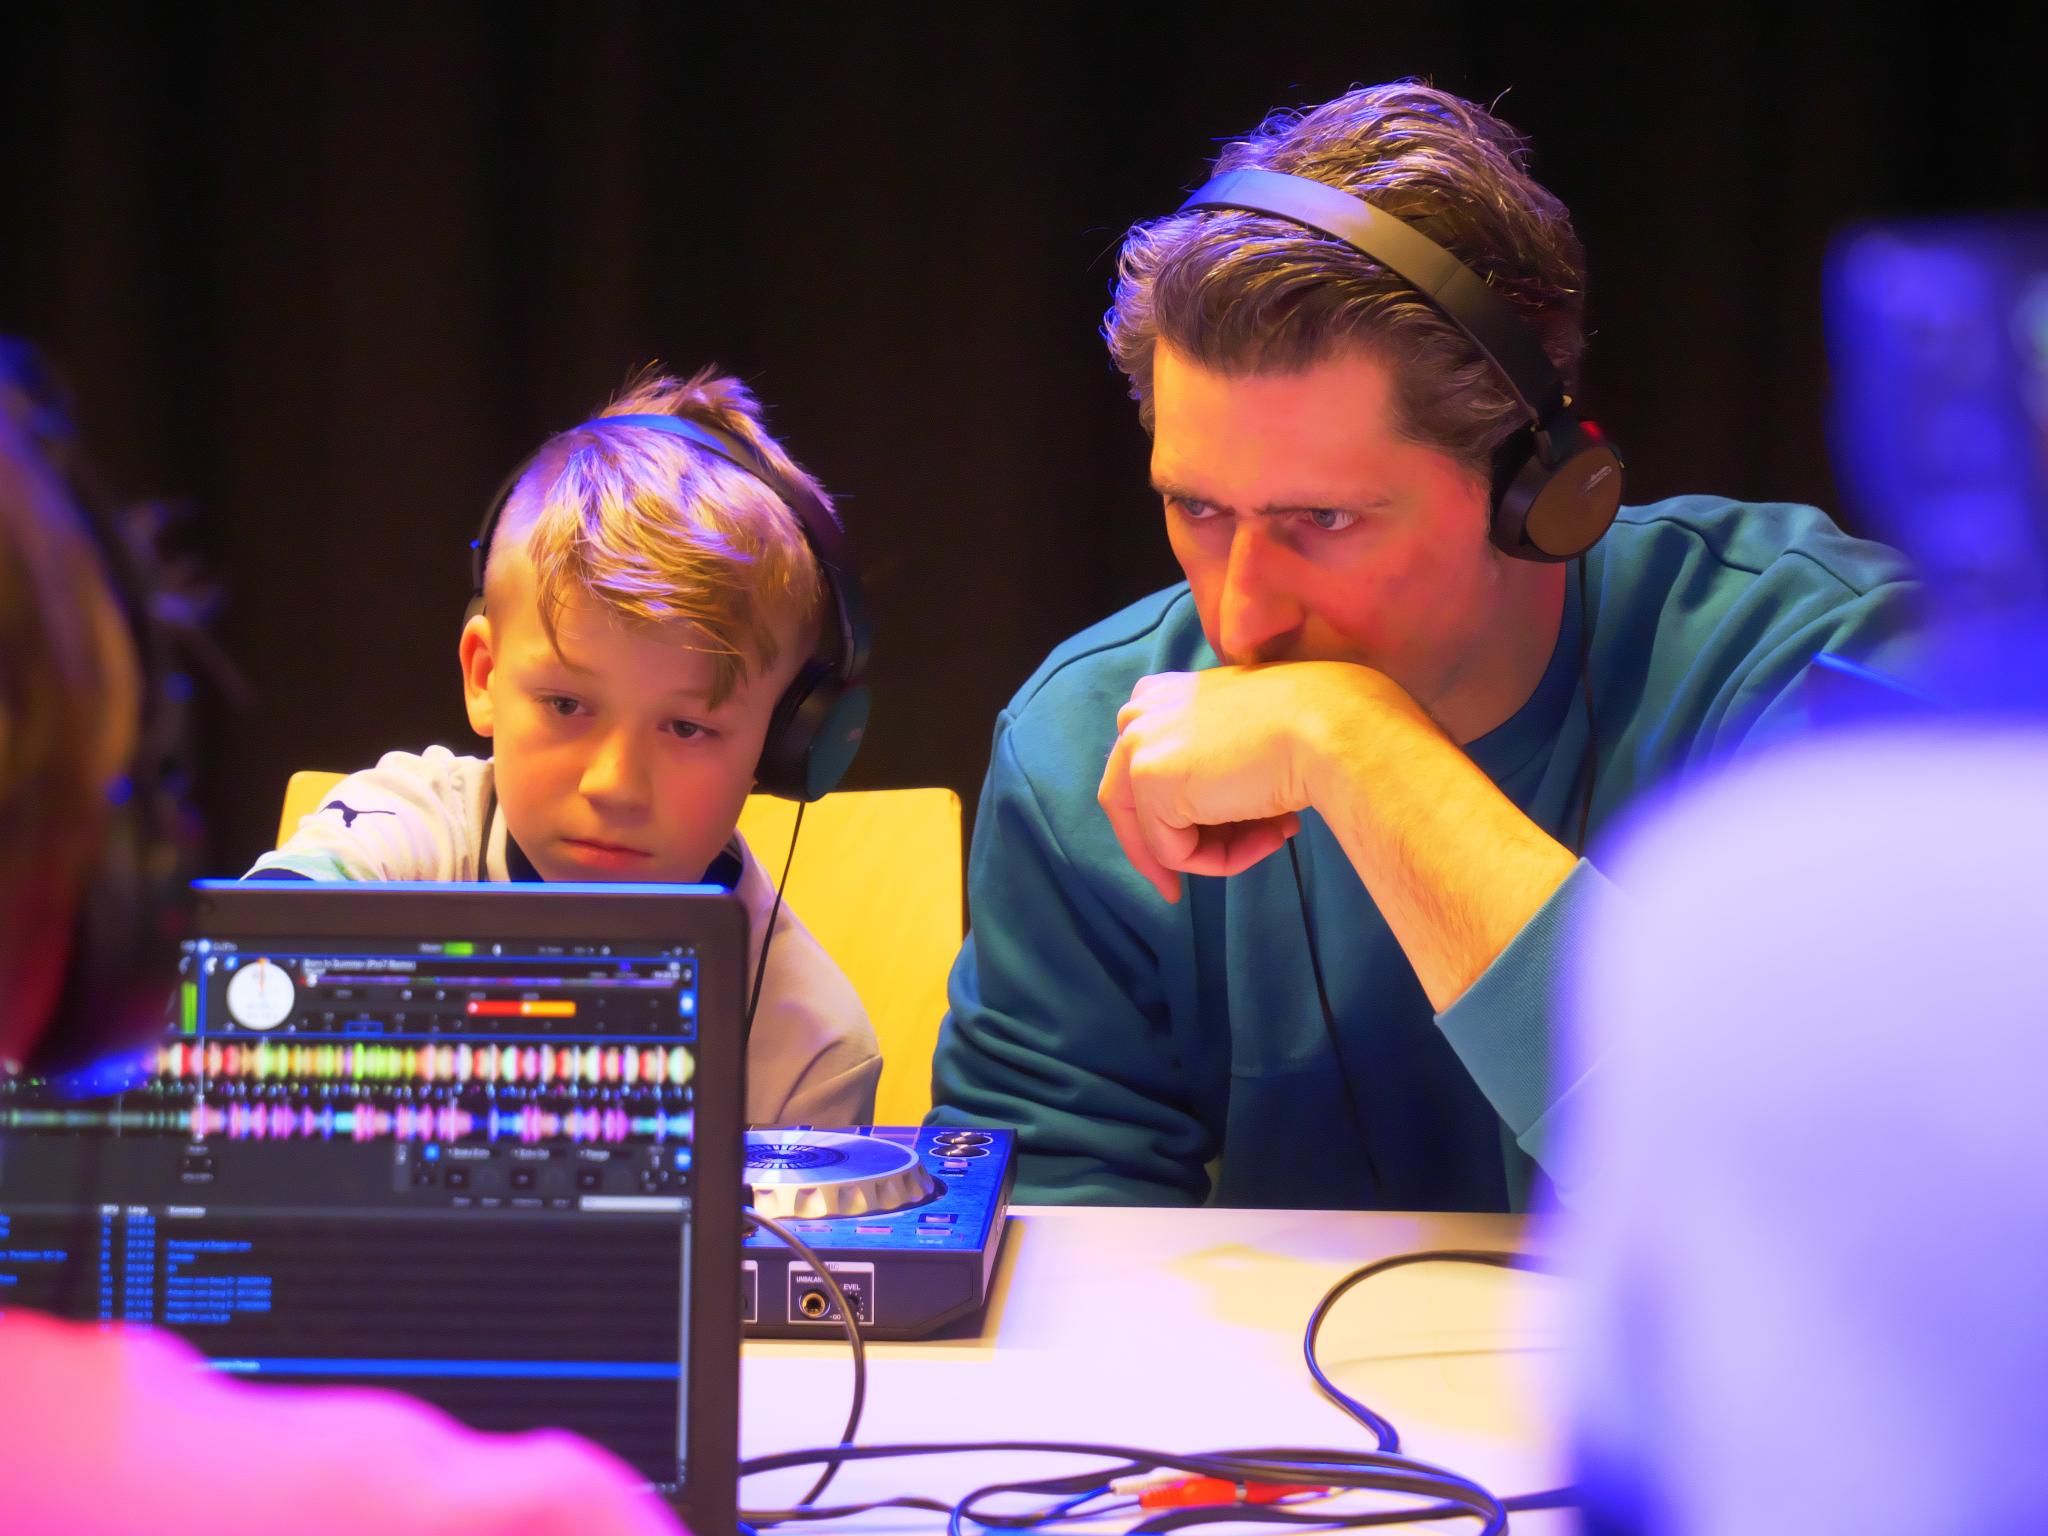 jugendkulturjahr-2020-ratingendj workshop-manege lintorf-09